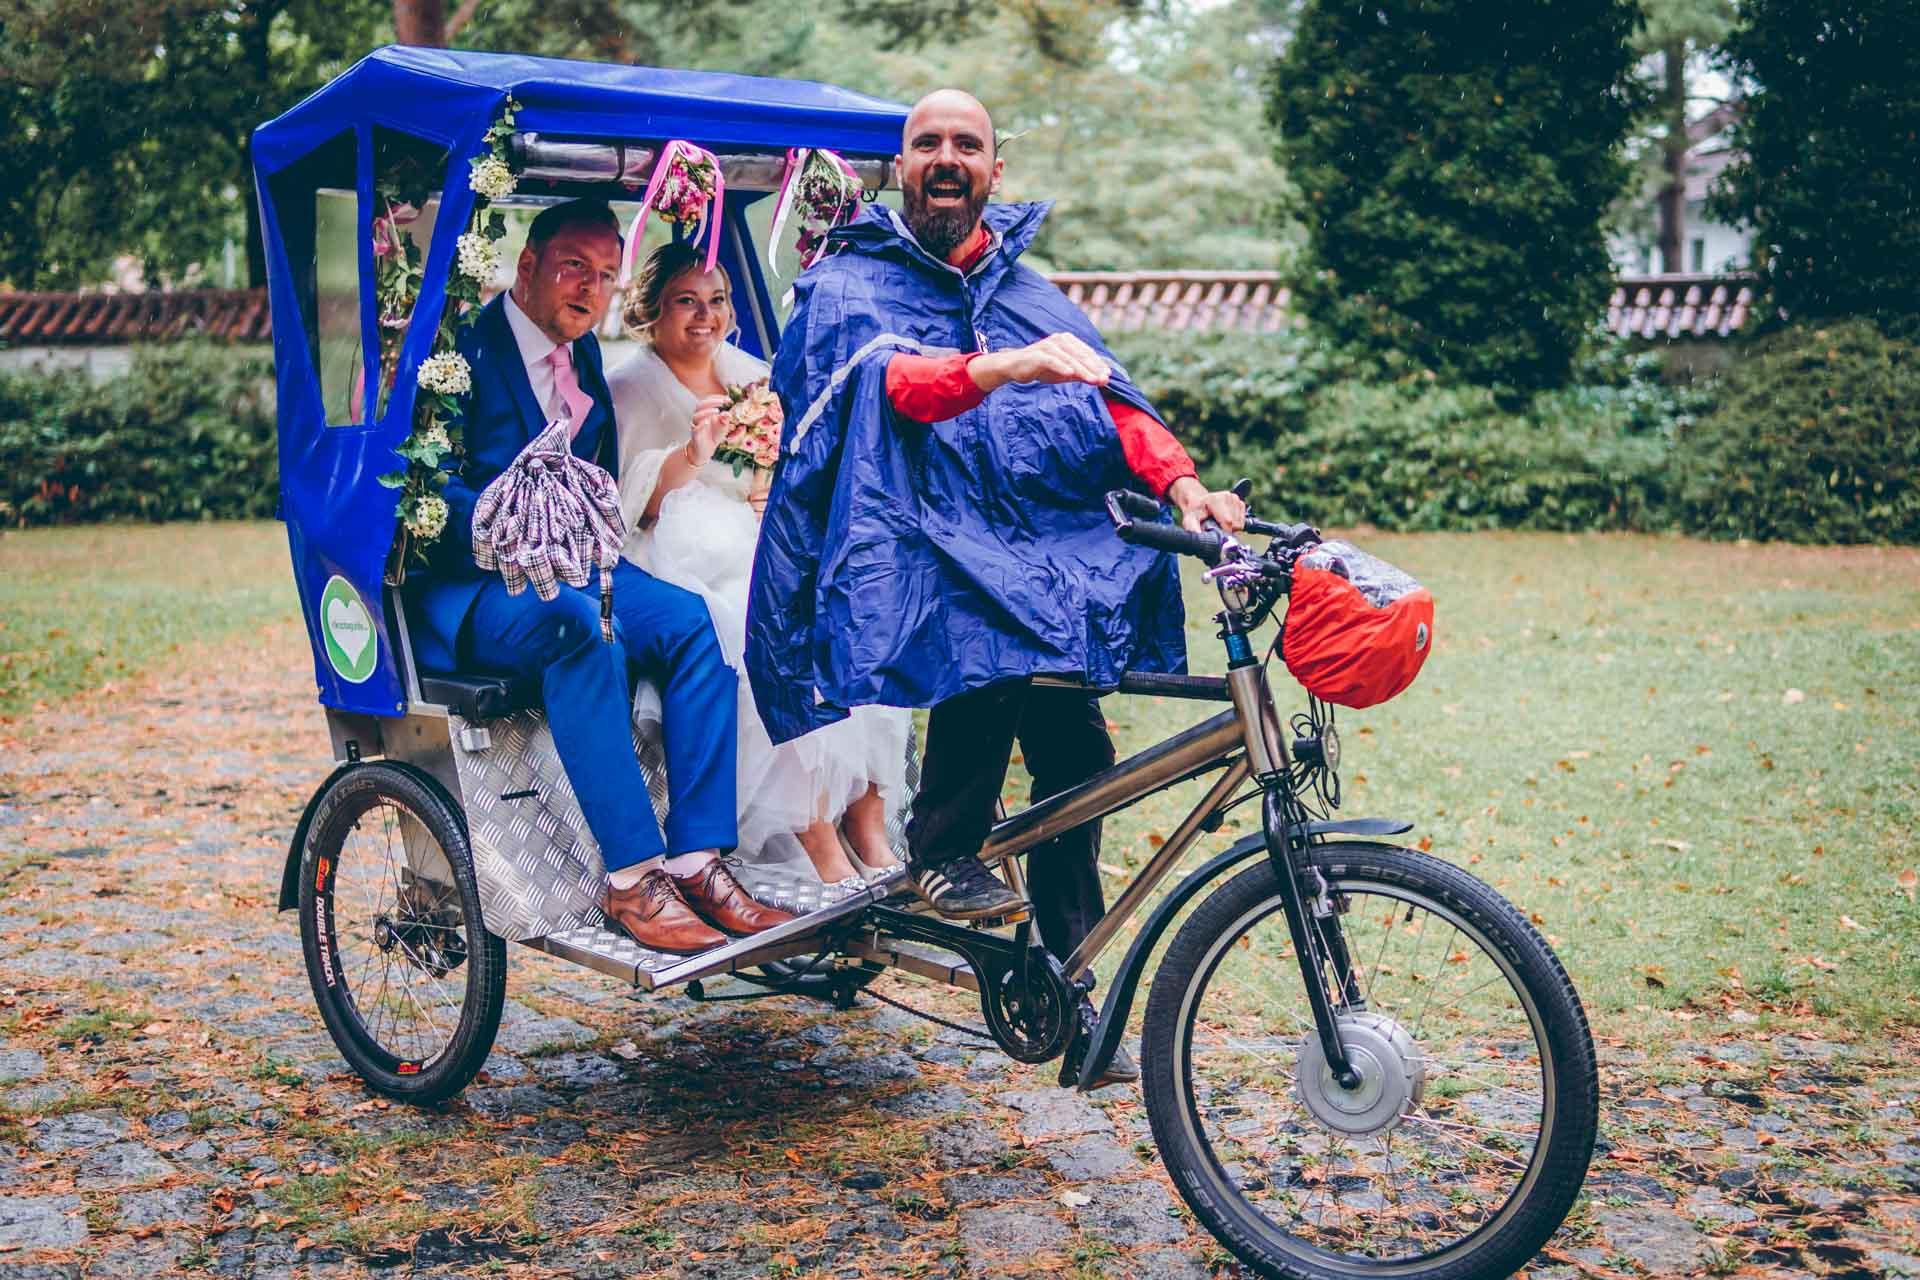 Hochzeitspaar in Rikscha auf Weg zur Alten Gärtnerei